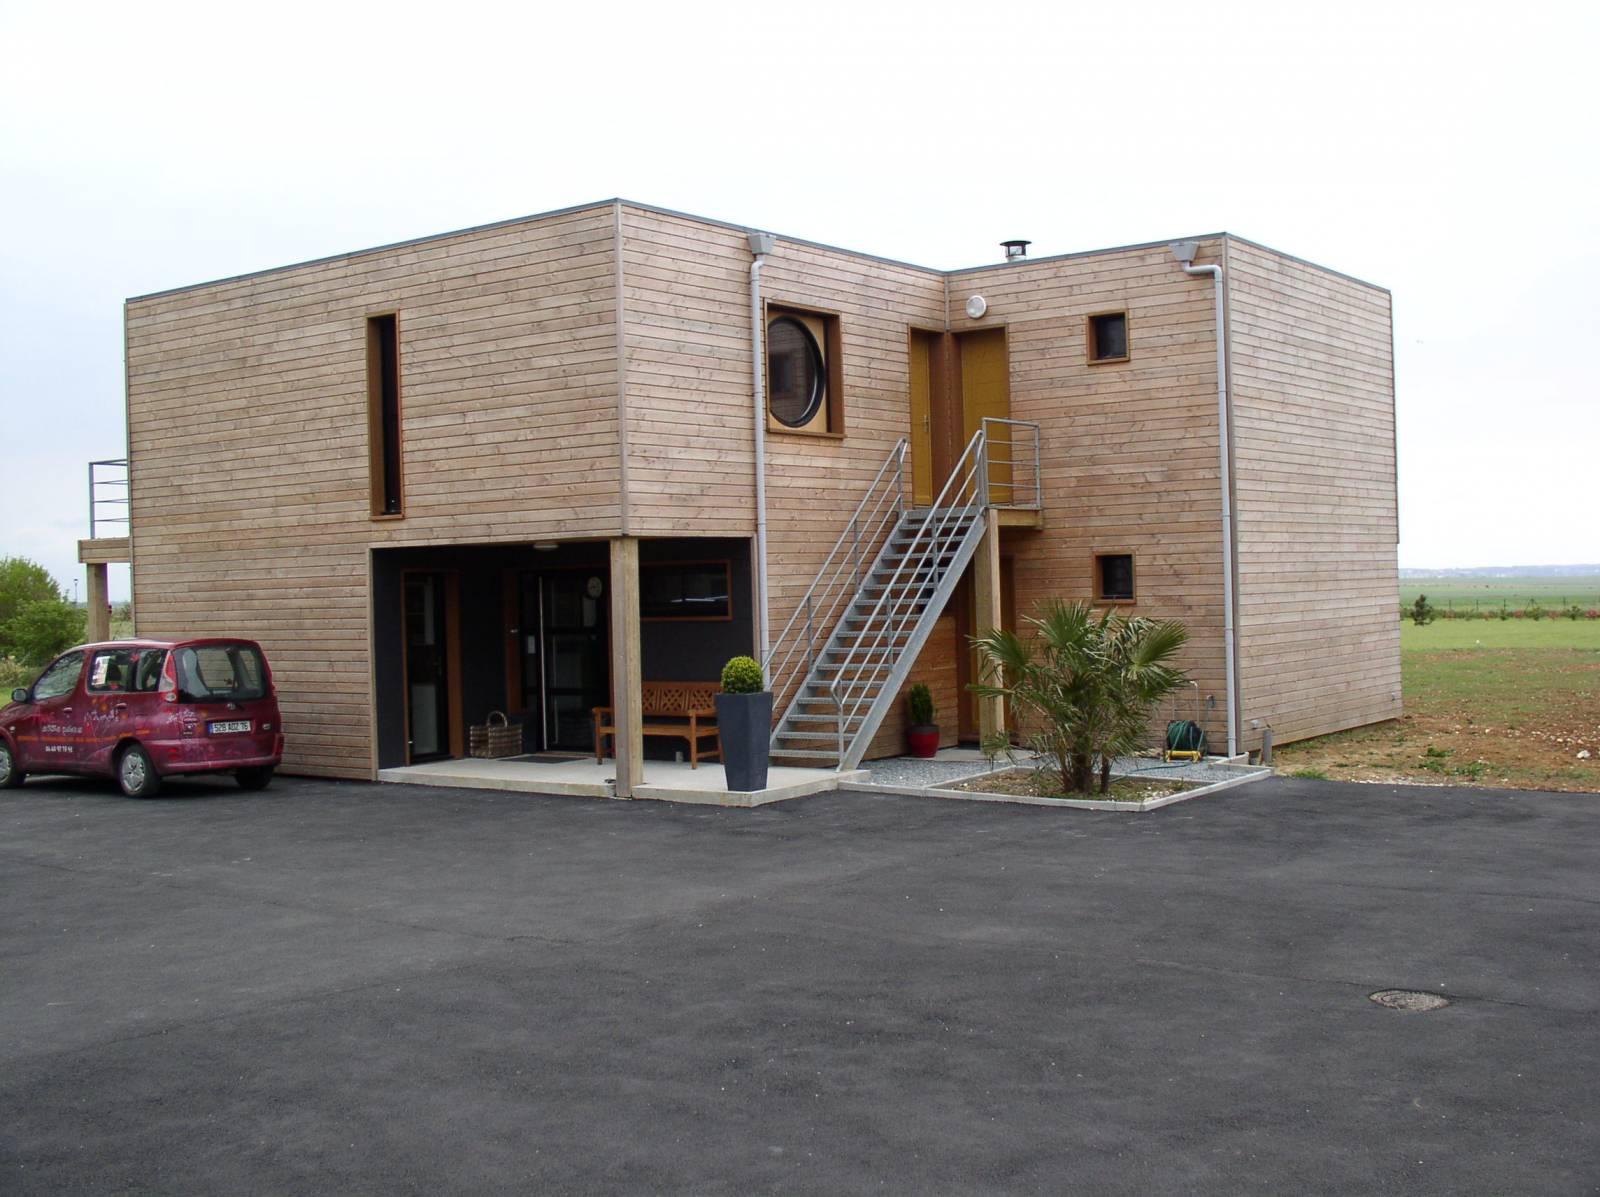 Maison en kit bois pas cher 87 construire son chalet s prix maison en bois l s boutique - Maison neuve pas cher en kit ...